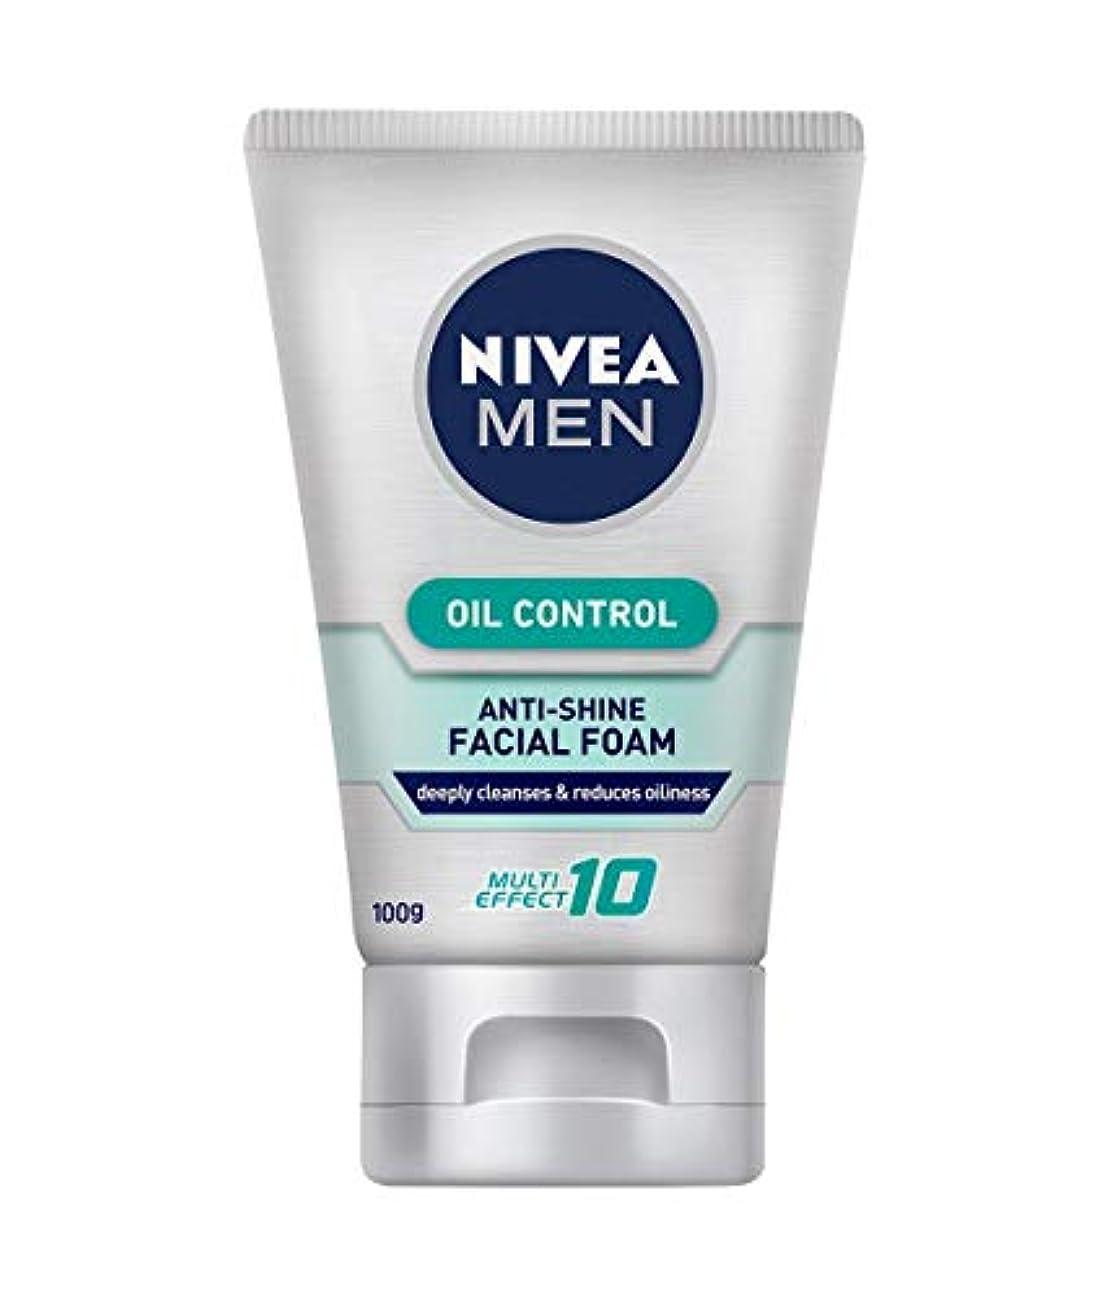 邪魔する花火よく話されるNivea For Men オイルコントロールクレンザー百グラム、にきびの問題を軽減しながら、炎症を和らげます。